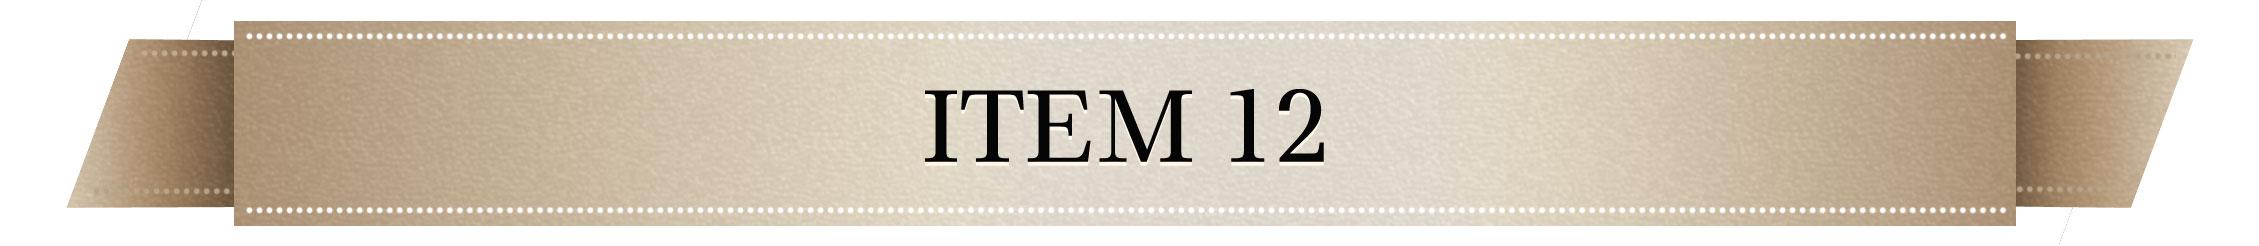 item-12-web